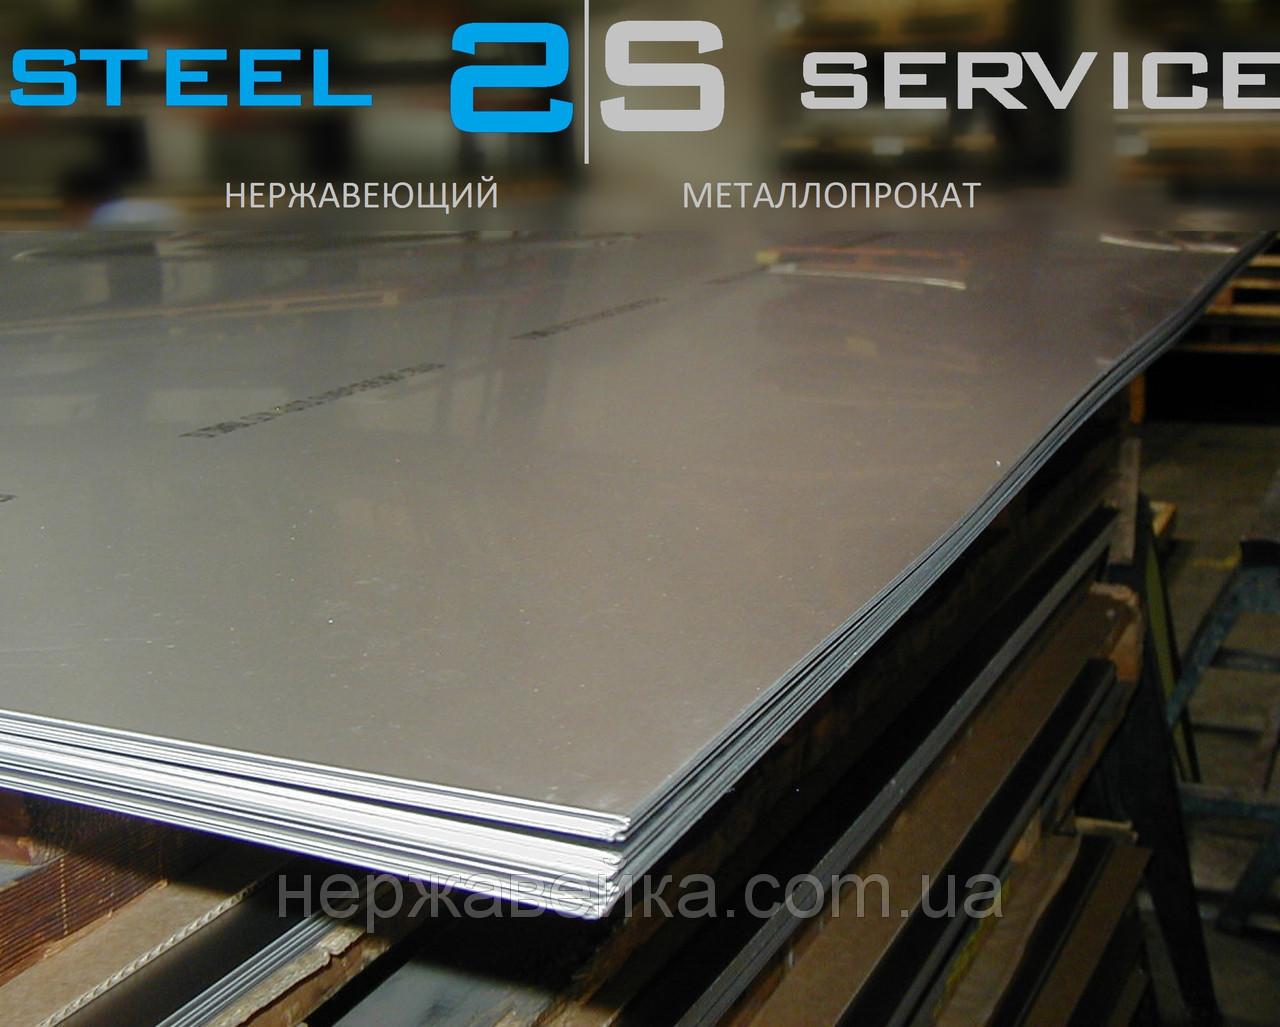 Нержавейка лист 100х1500х6000мм  AISI 321(08Х18Н10Т) F1 - горячекатанный, пищевой